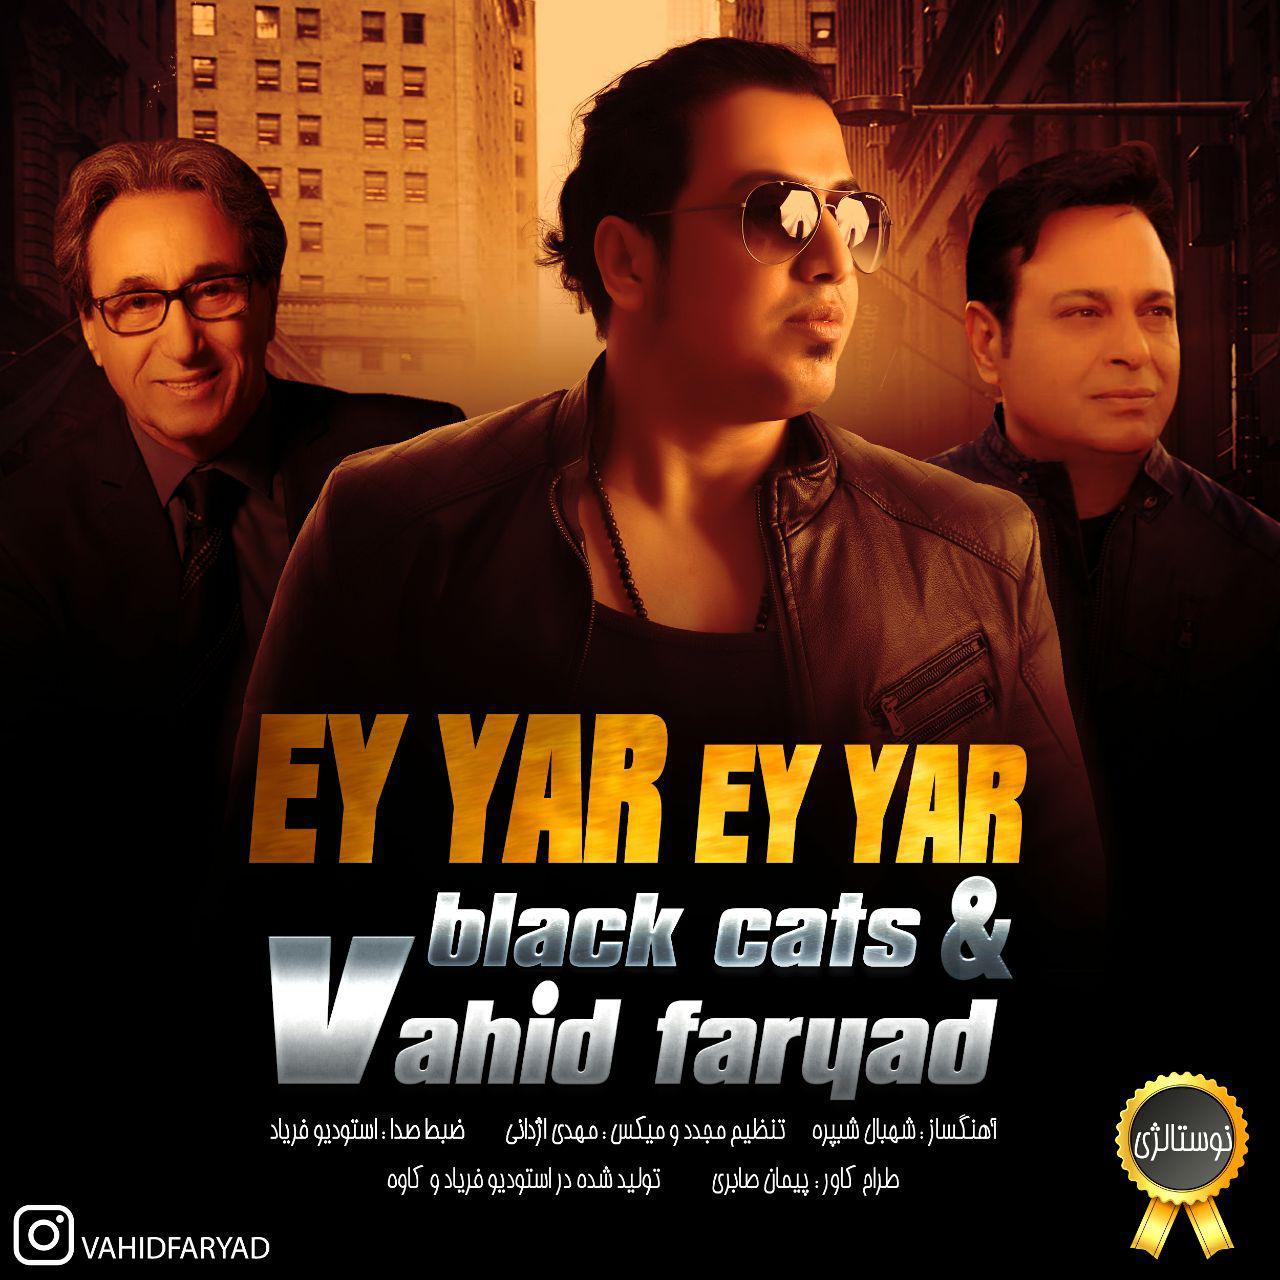 Vahid Faryad – Ey Yar Ey Yar